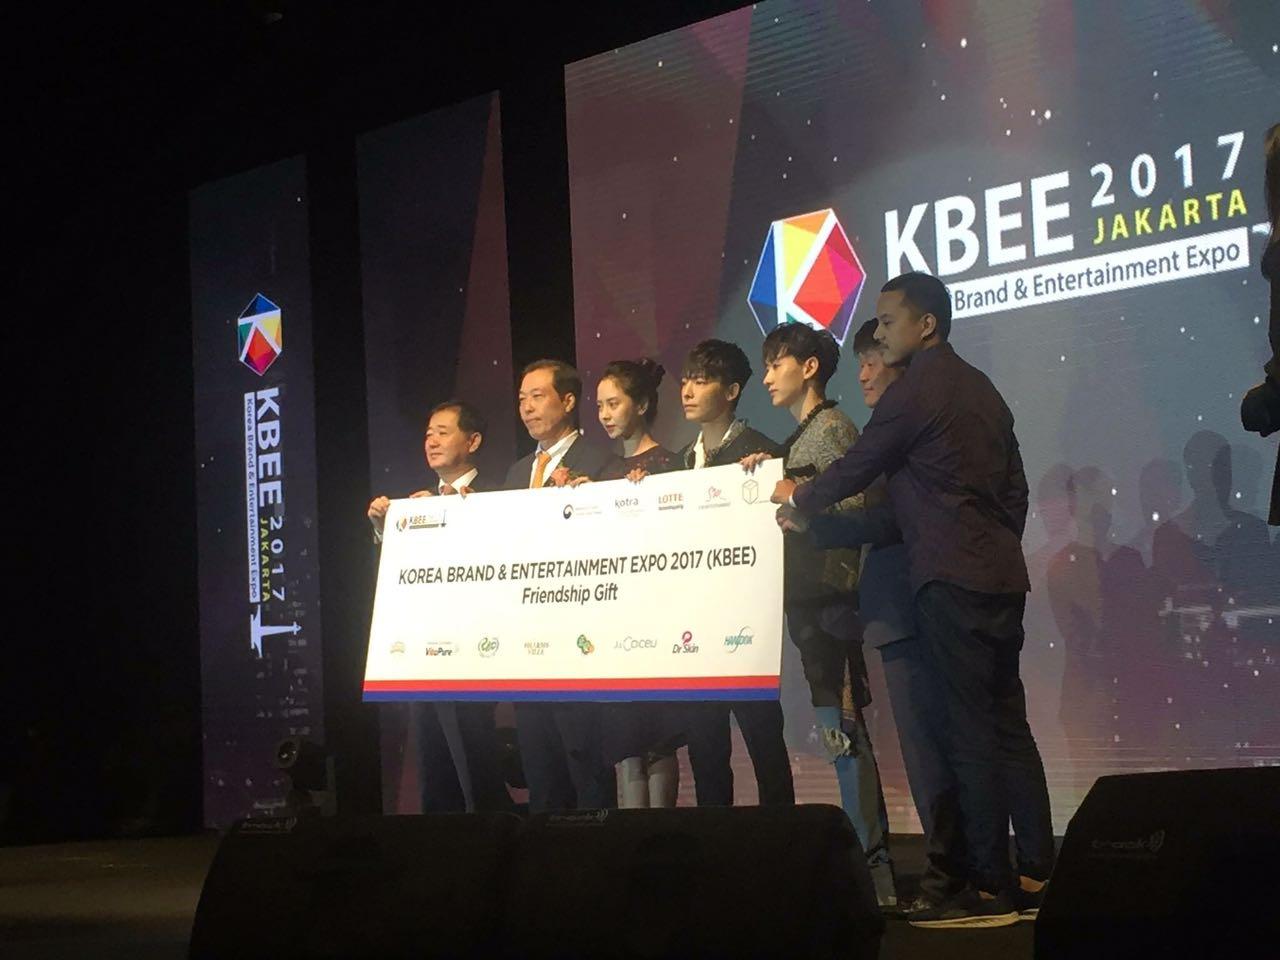 ANAK PENDERITA KANKER. Tak cuma tampil dan menyapa penggemar, tiga bintang Korea Selatan aktif menggalang dana untuk anak penderita kanker di Indonesia. Foto dari Kitabisa.com